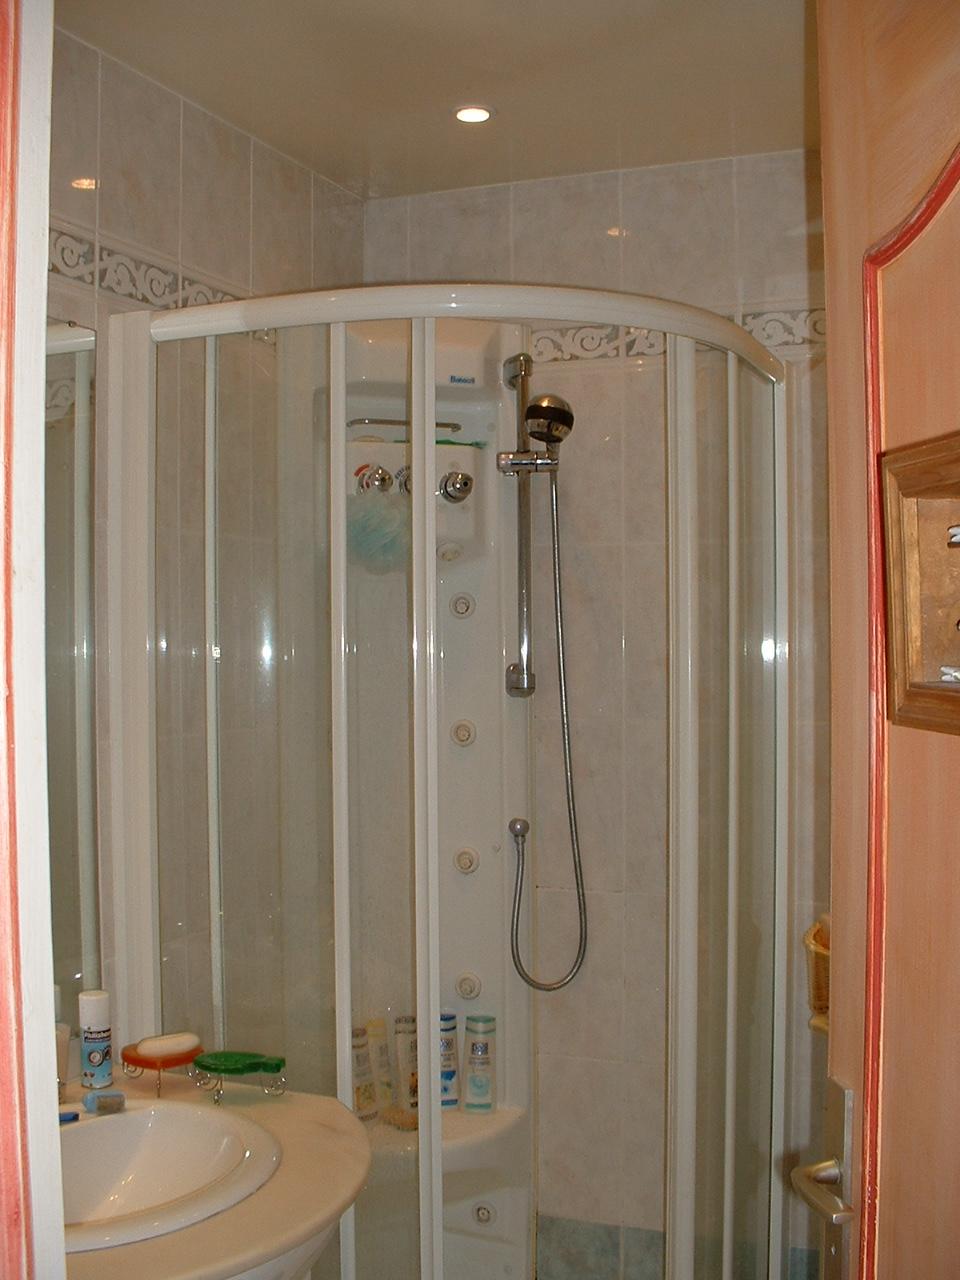 Douche dans chambre douche design kaldewei petite salle de bain hyper bien - Douche dans une chambre ...